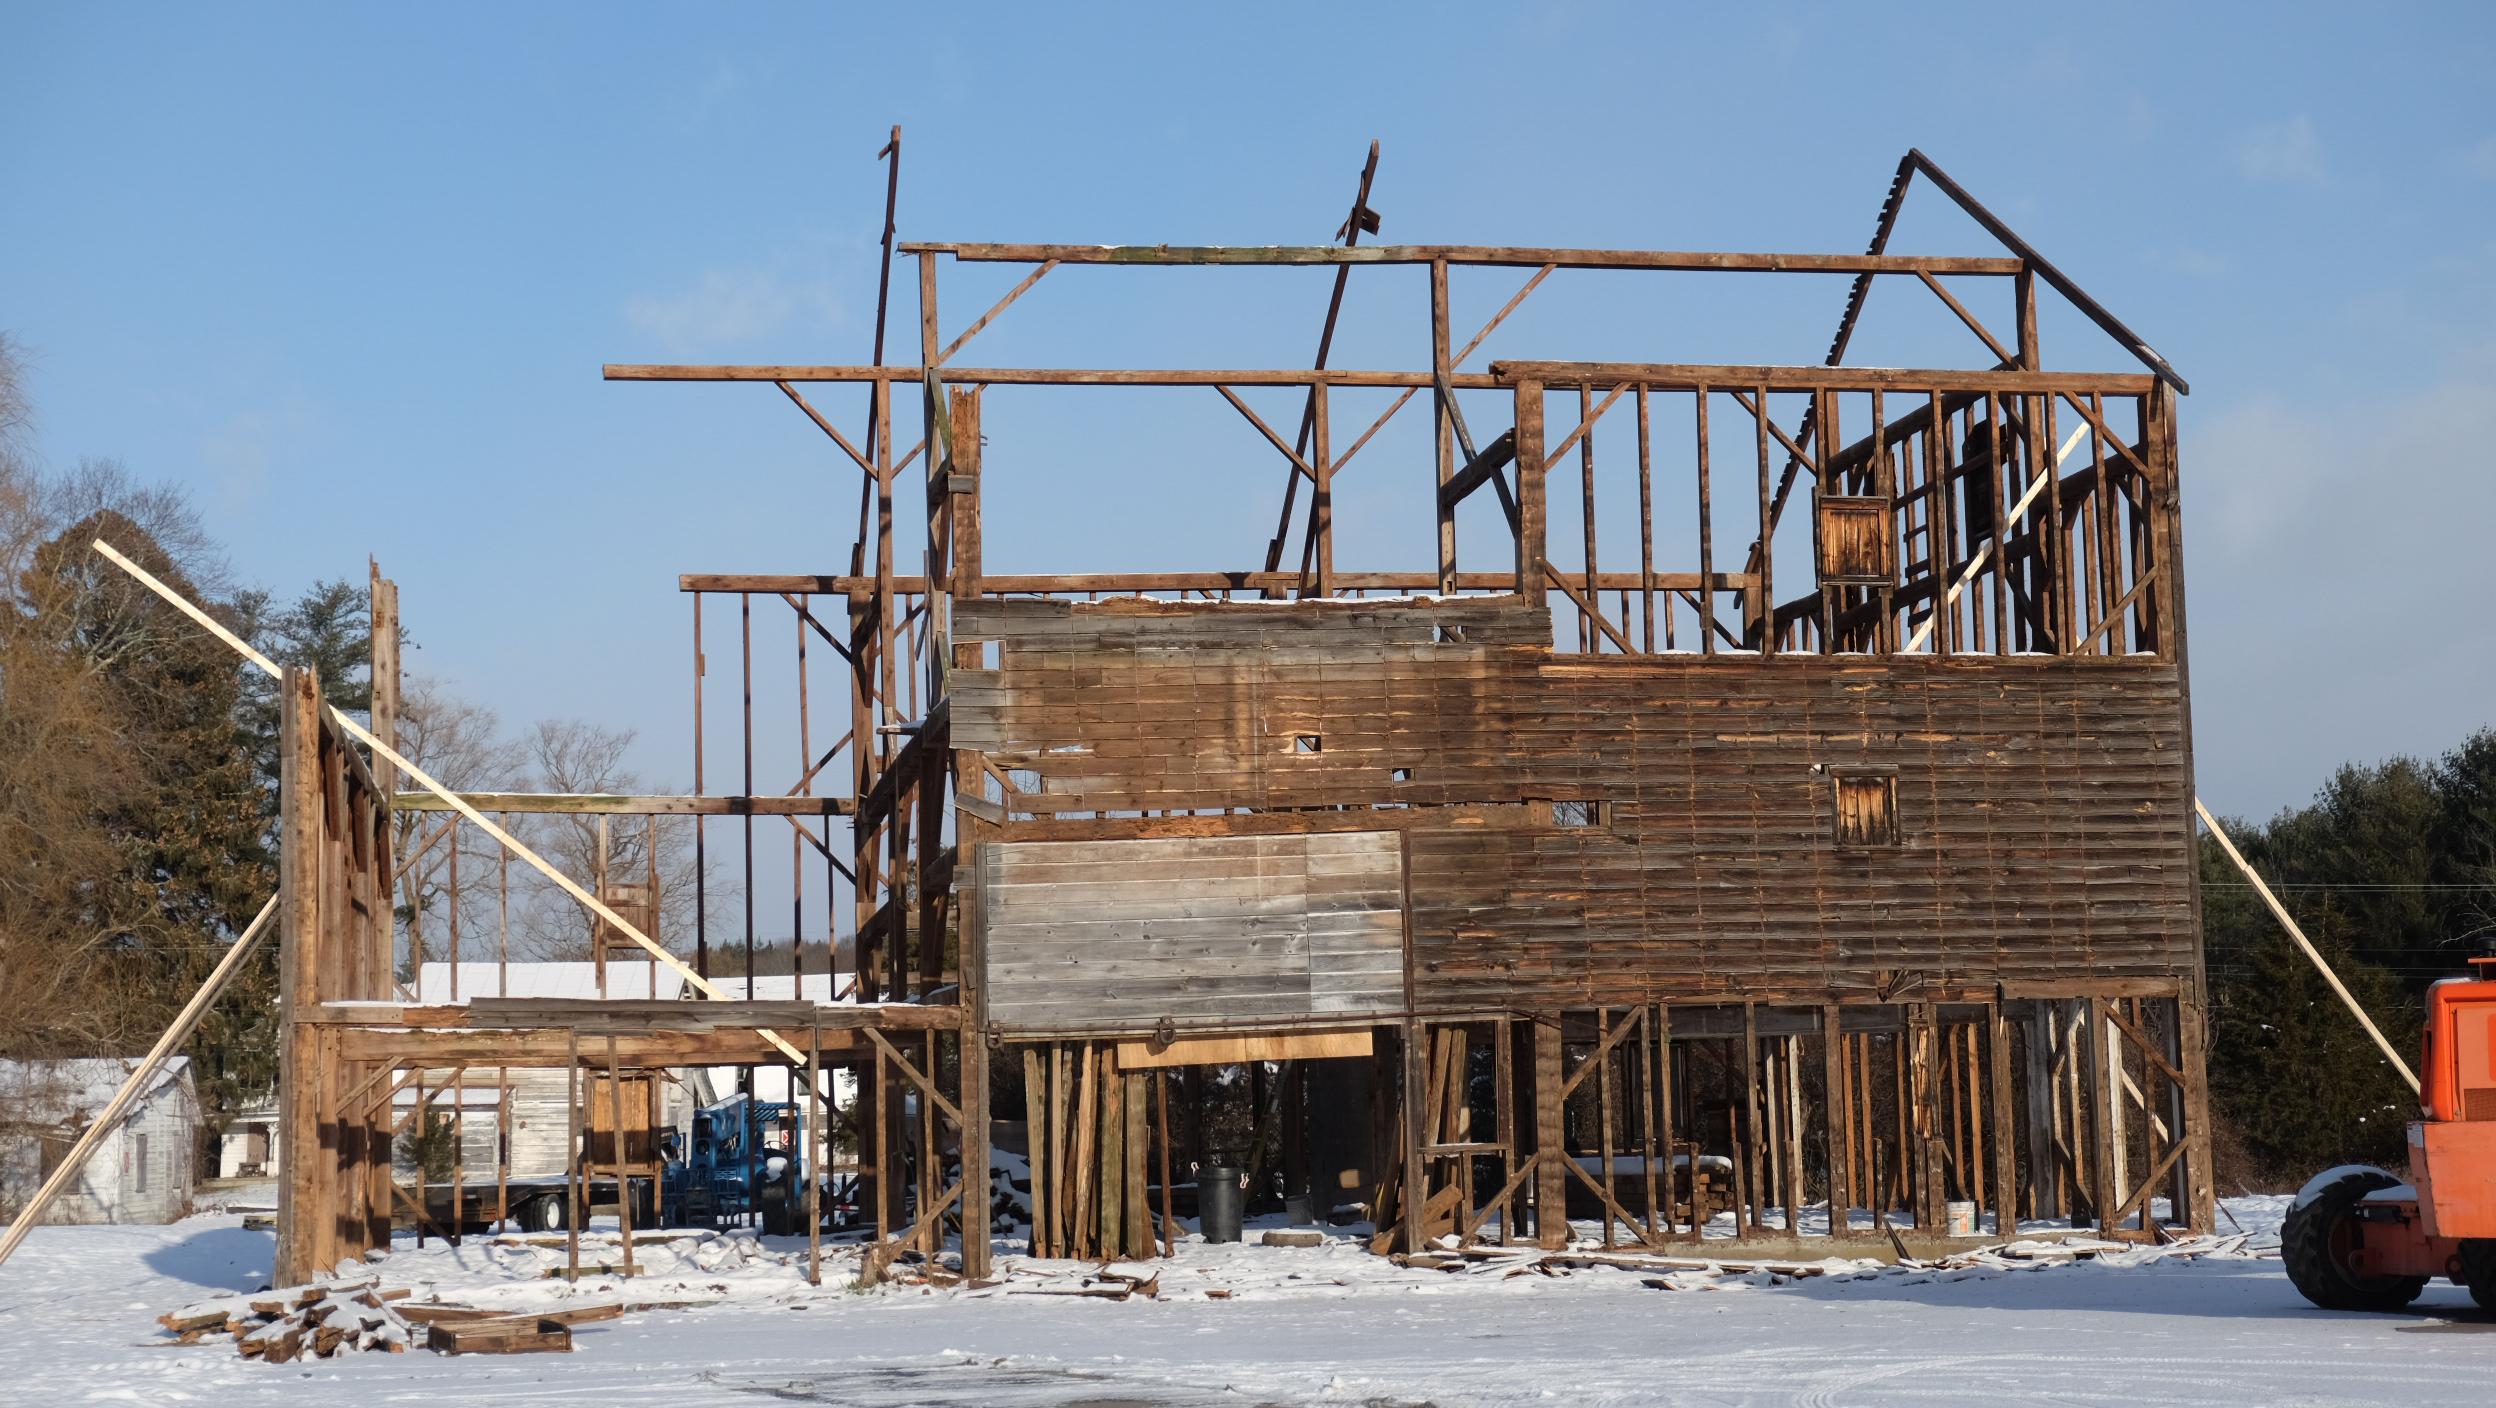 Dismantling the Barn -